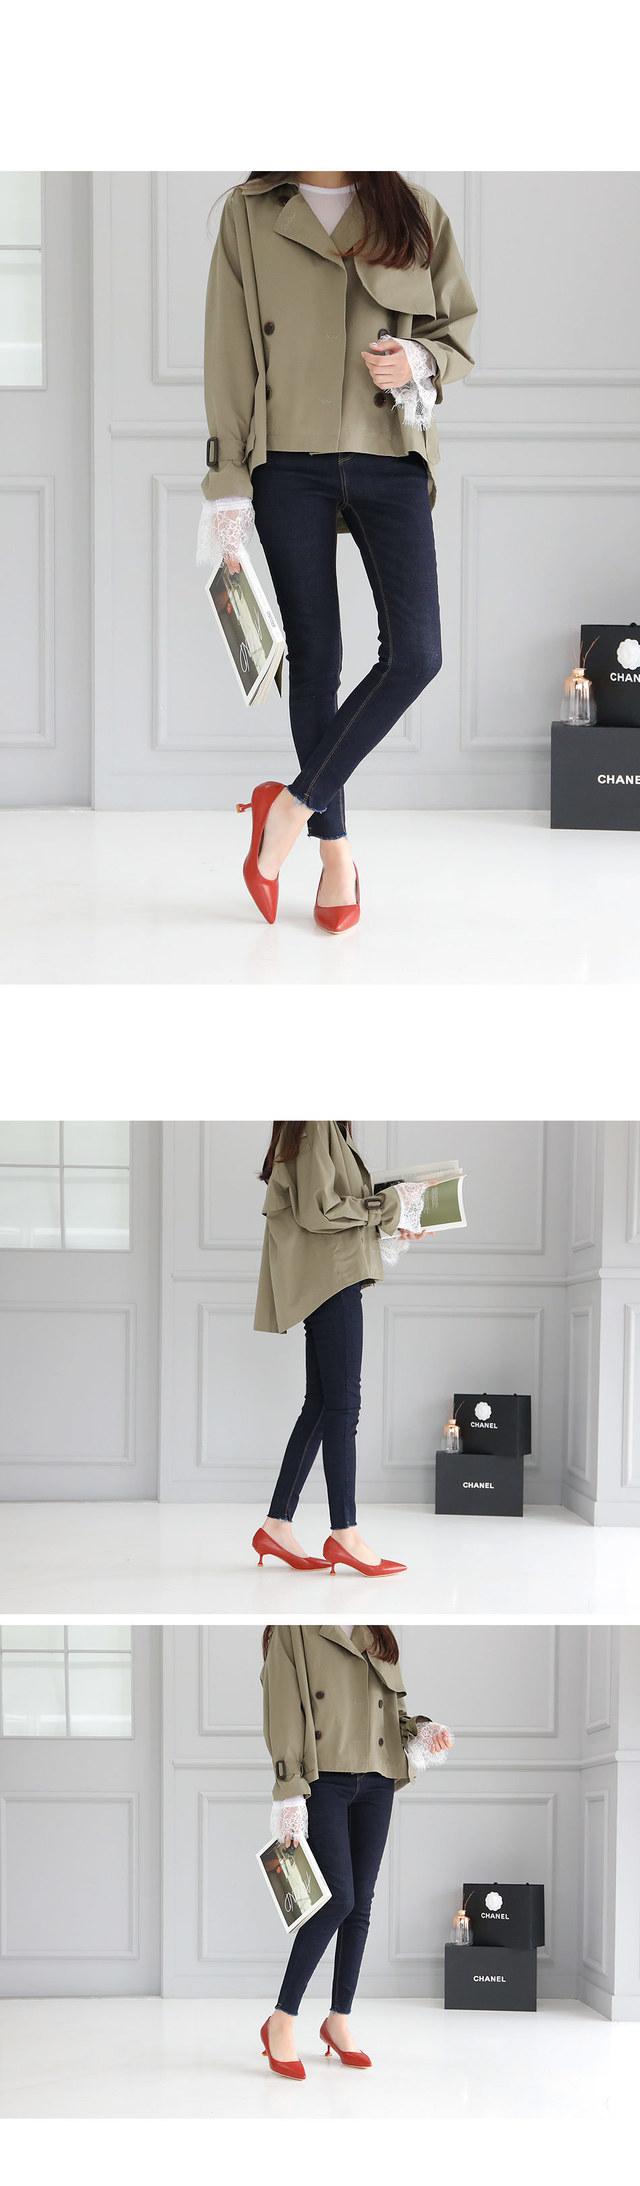 Bronze Stiletto Heel 5.5cm